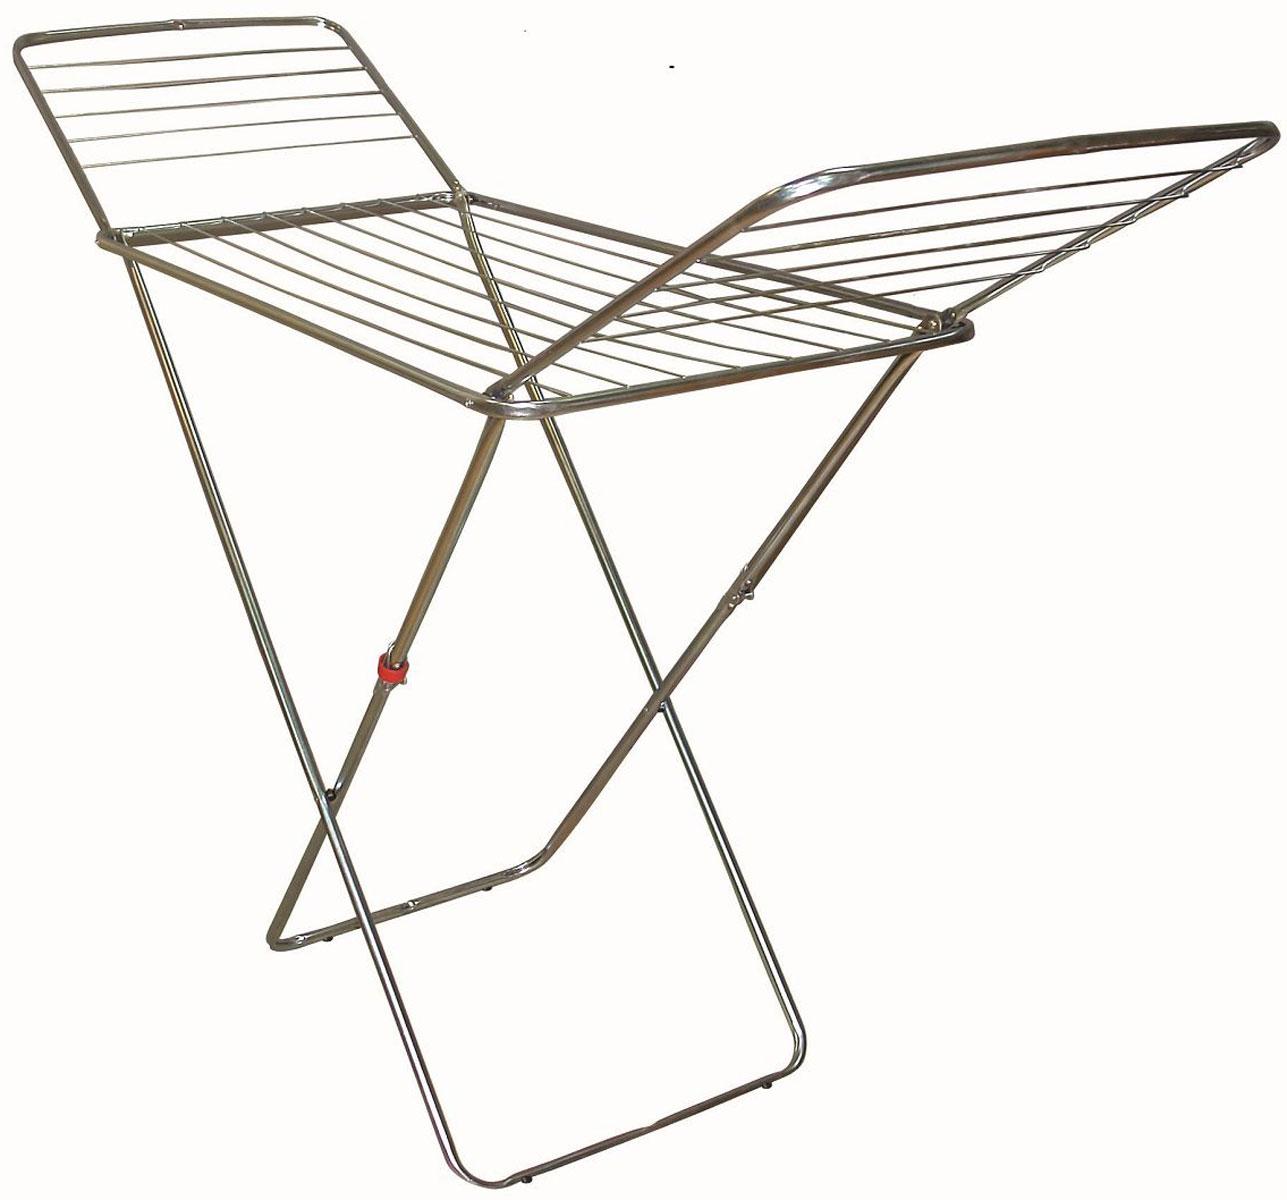 Сушилка для белья Евроголд ЕК Stabilo, напольная, 16 м0503Сушилка для белья Евроголд 0503 ЕК Stabilo-напольная сушилка для белья проста и удобна в использовании, компактно складывается, экономя место в вашей квартире. Сушилку можно использовать на балконе или дома.Она оснащена складными створками для сушки одежды во всю длину, а также имеет специальные пластиковые крепления в основе стоек, которые не царапают пол. Полезная длина сушильного полотна 16м.Вакуумная упаковка.